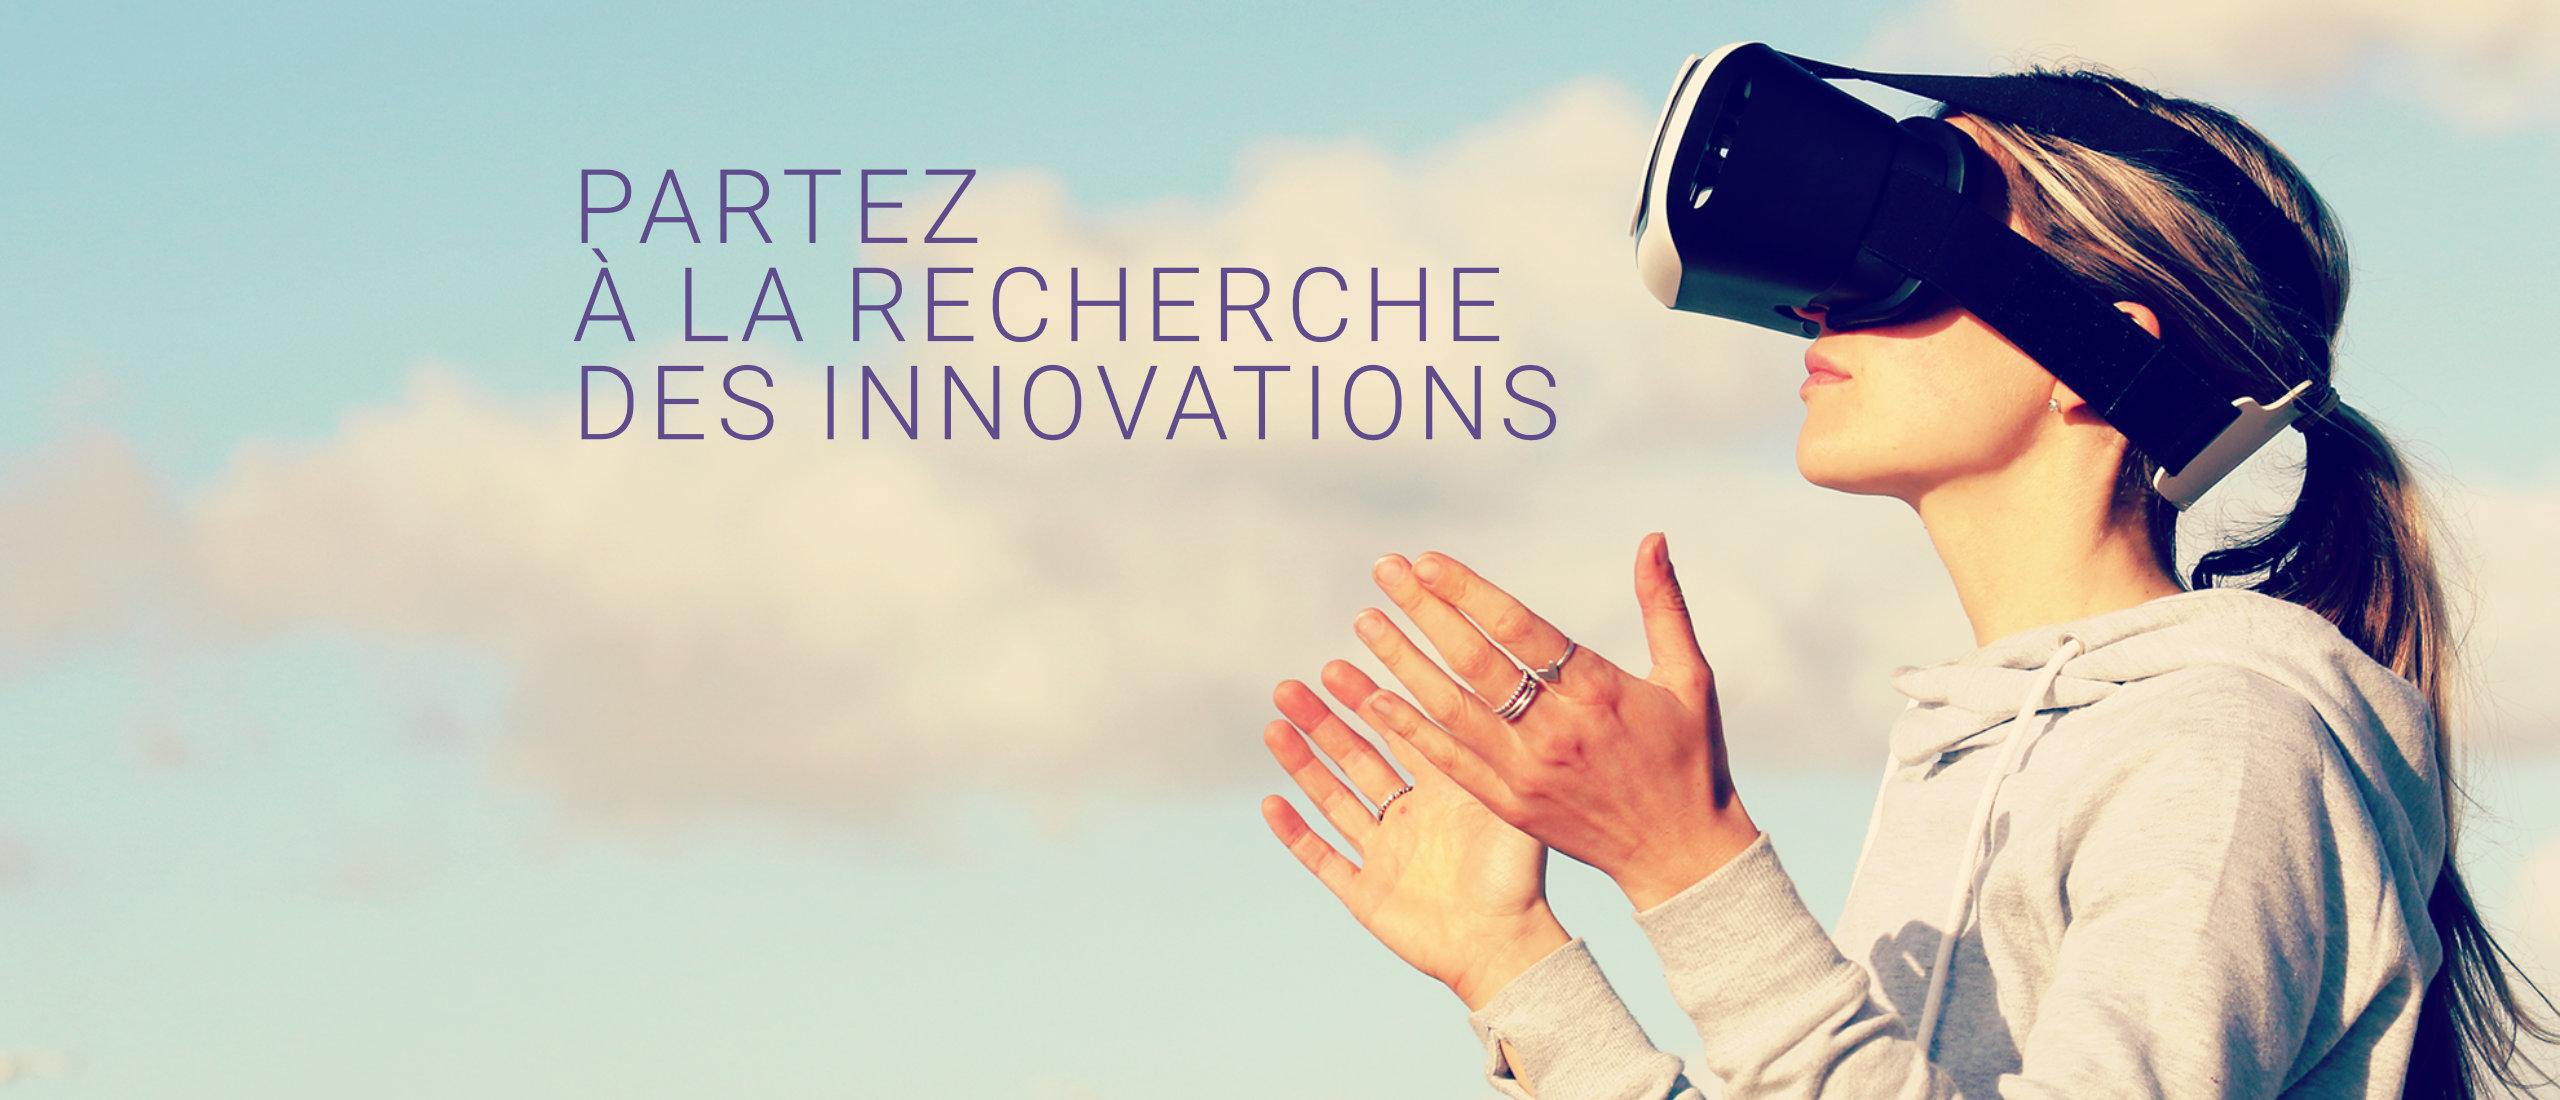 Partez à la recherche des innovations